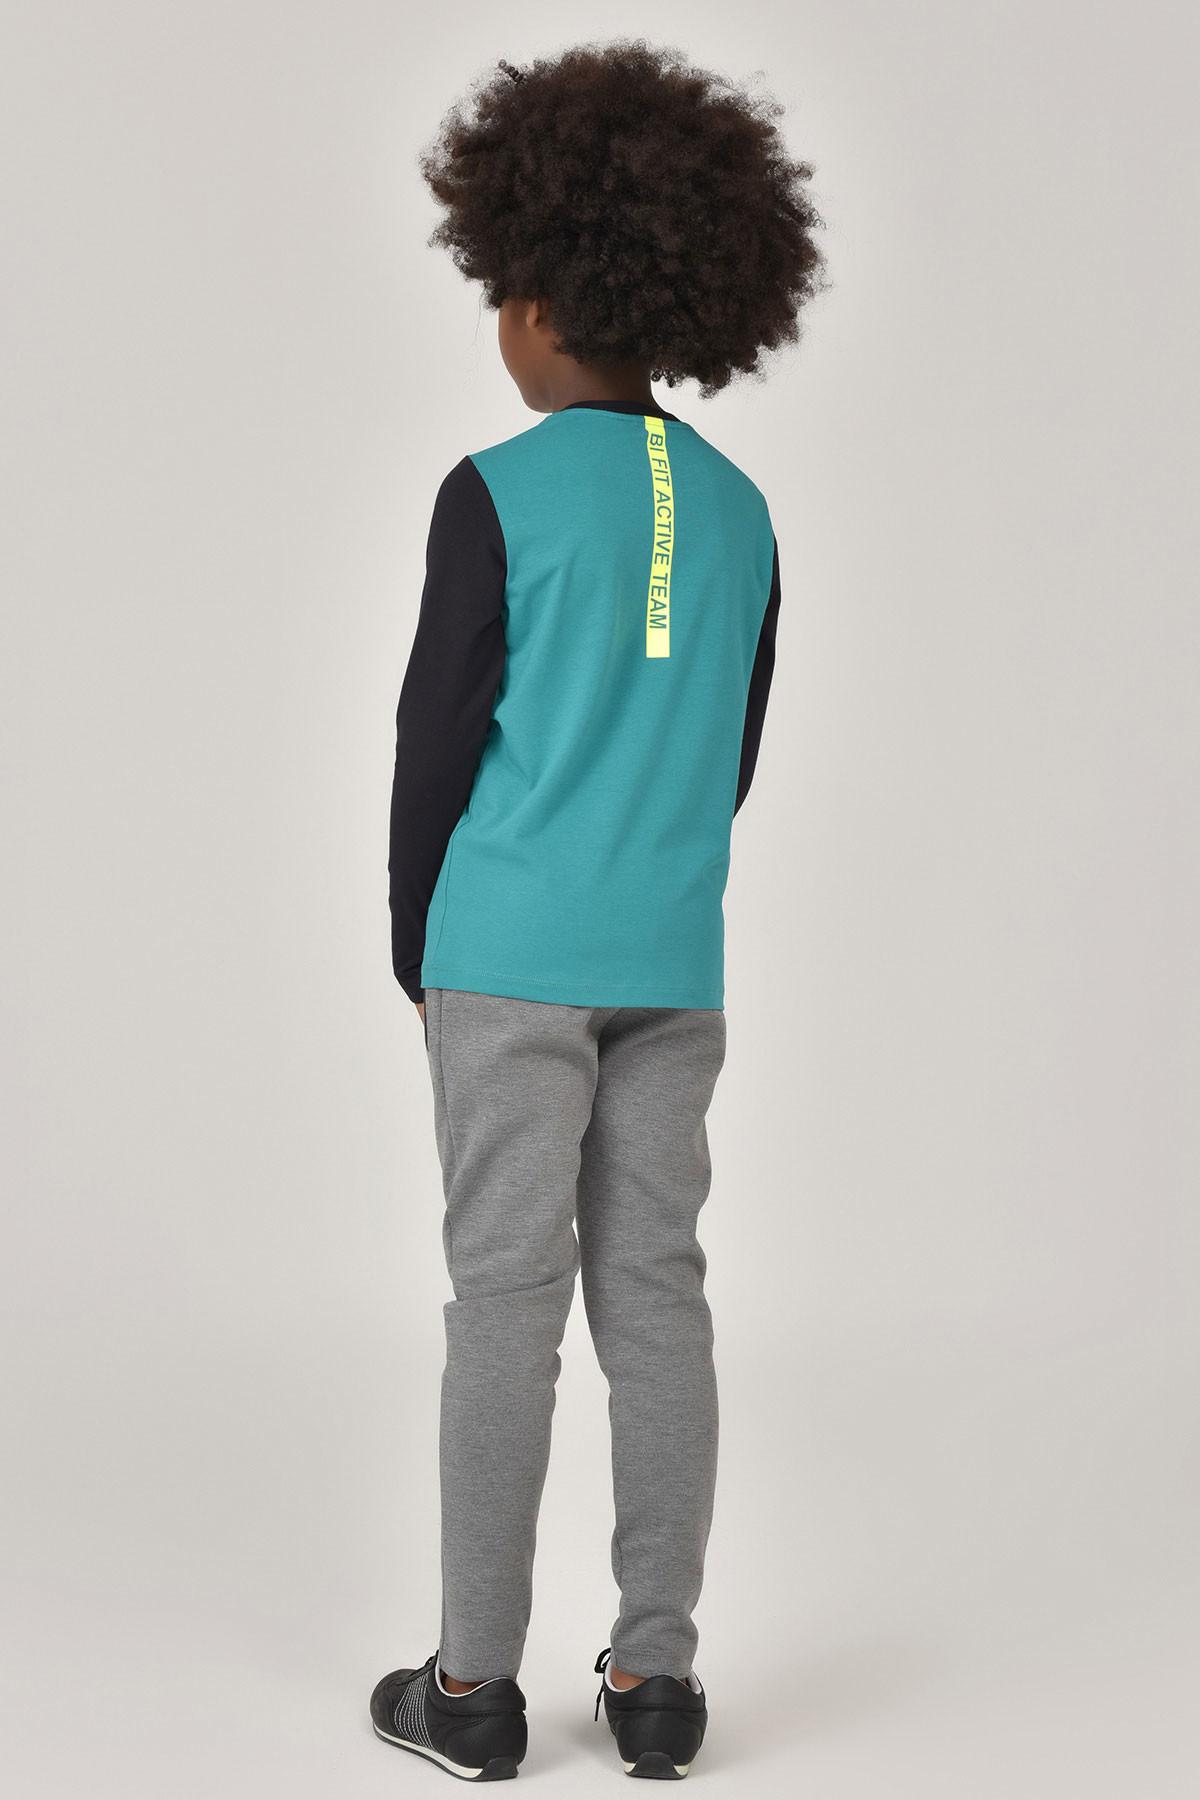 Bilcee Unisex Uzun Kol Çocuk T-Shirt FW-1487 BİLCEE